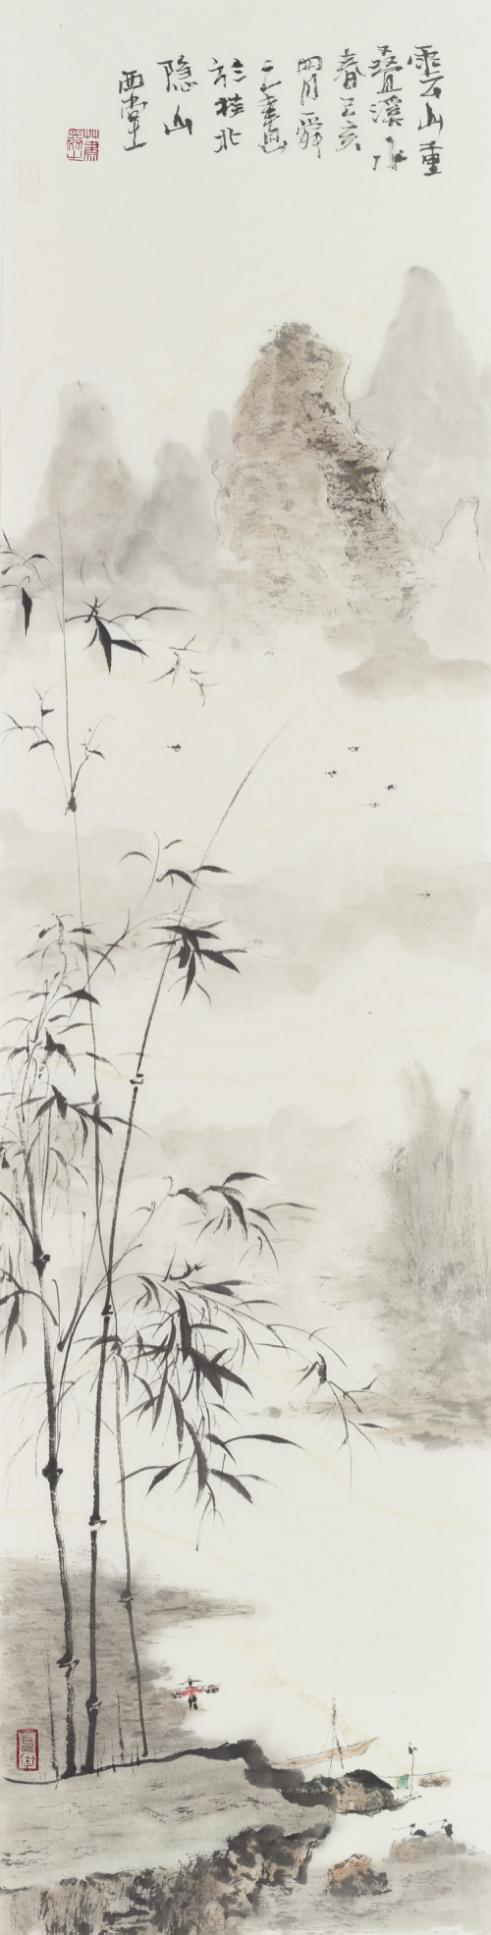 作品名称:《云山重叠溪水春》